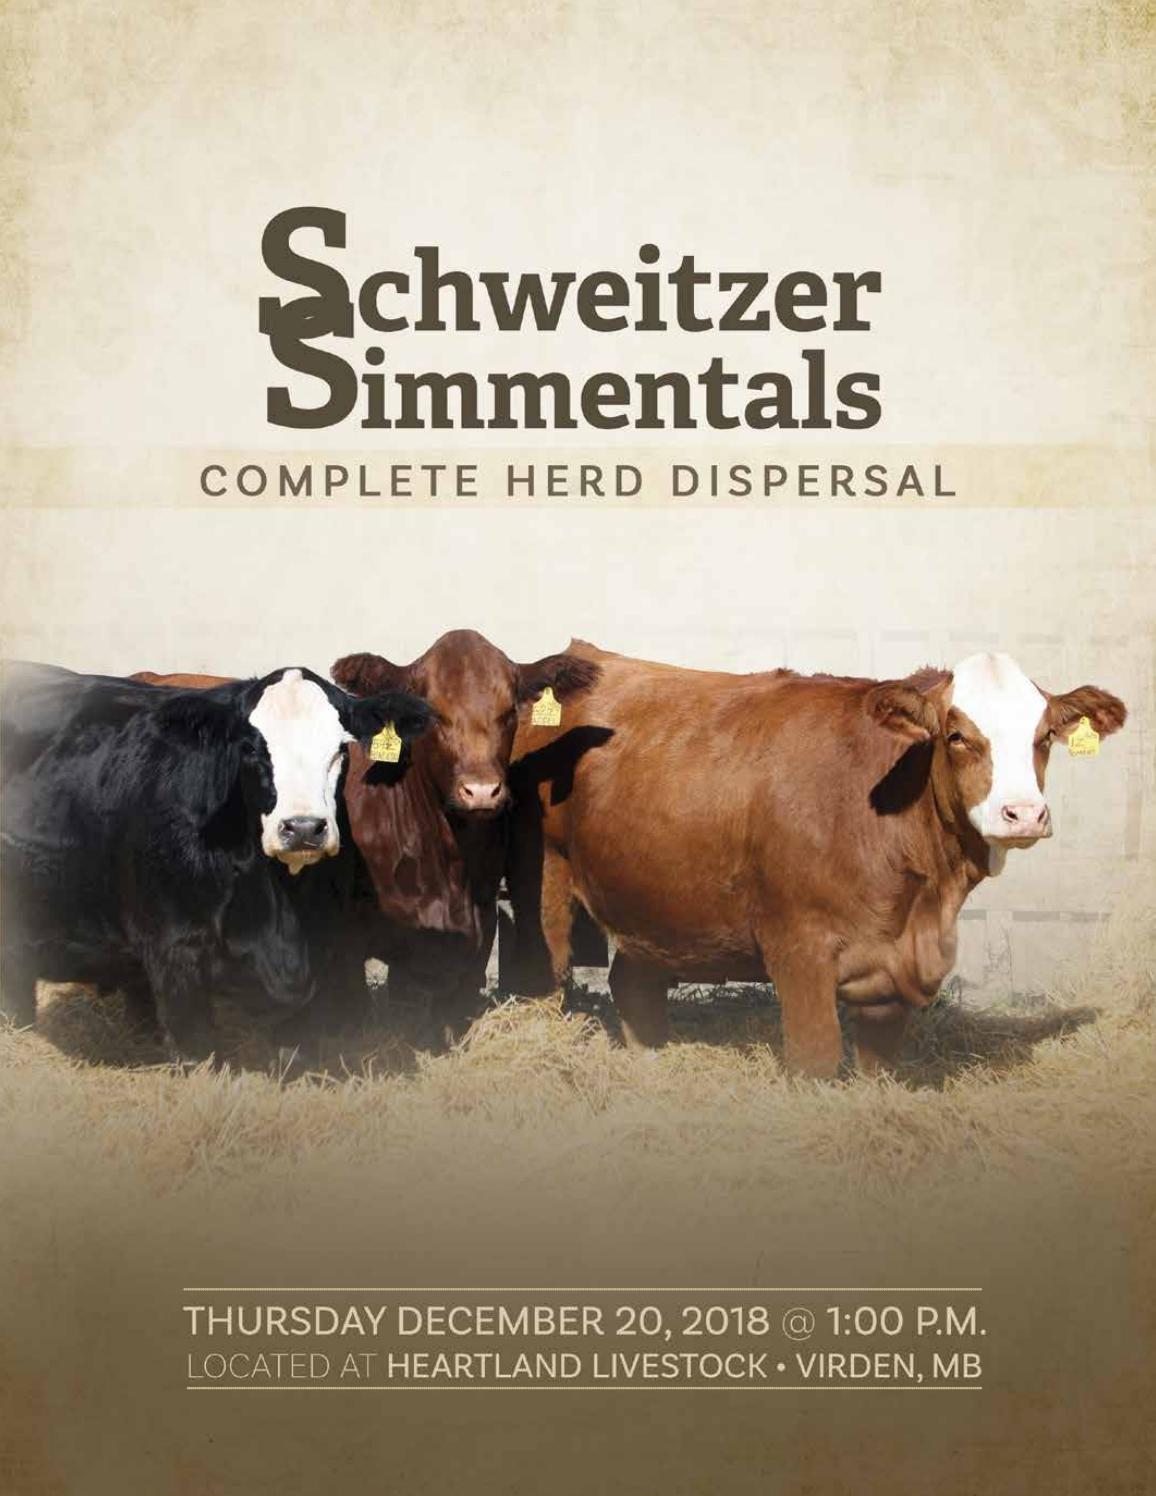 a0a0f216ceddd Schweitzer Simmentals Complete Herd Dispersal by Keltey Whelan Designs -  issuu